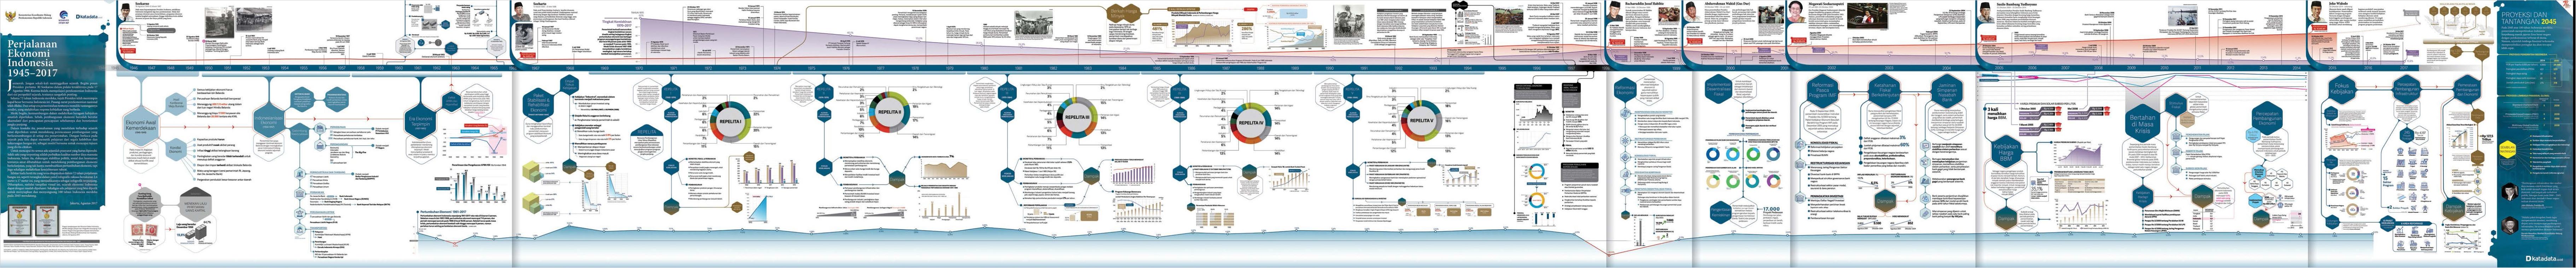 infografik sejarah ekonomi indonesia